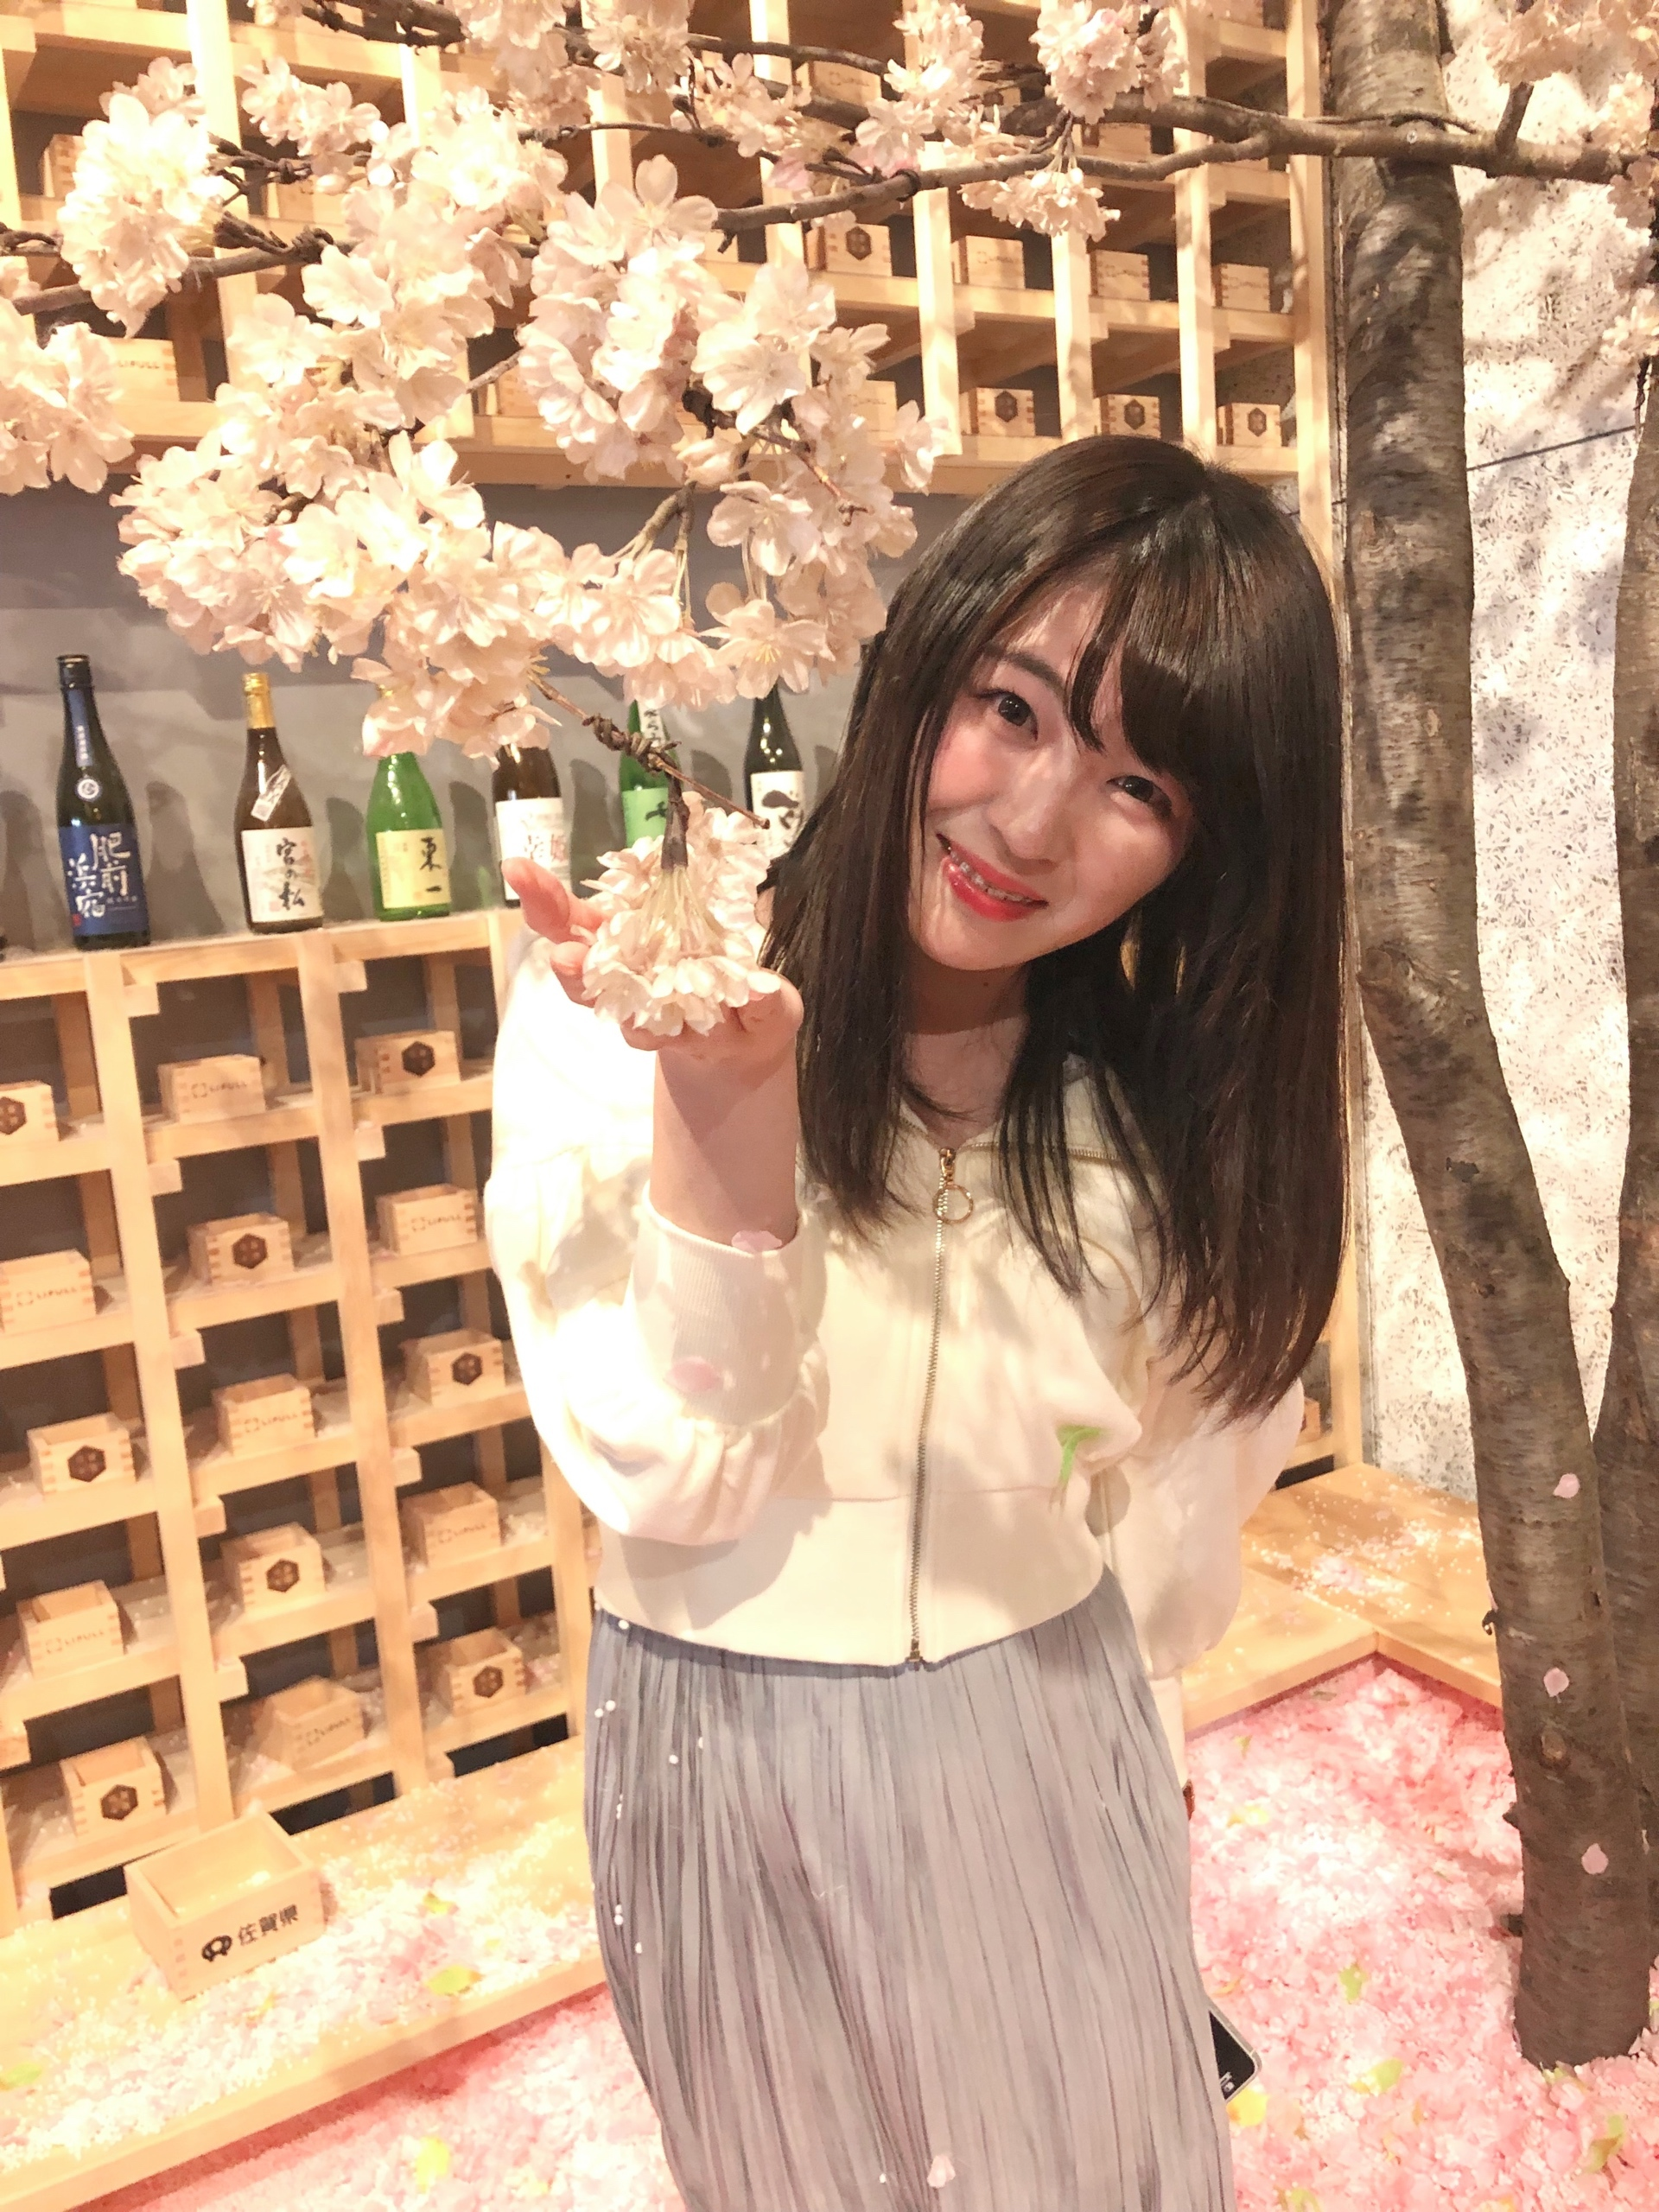 【注目春イベント♥】桜が屋内で楽しめる?SAKURA CHILL BARが楽しい!_1_1